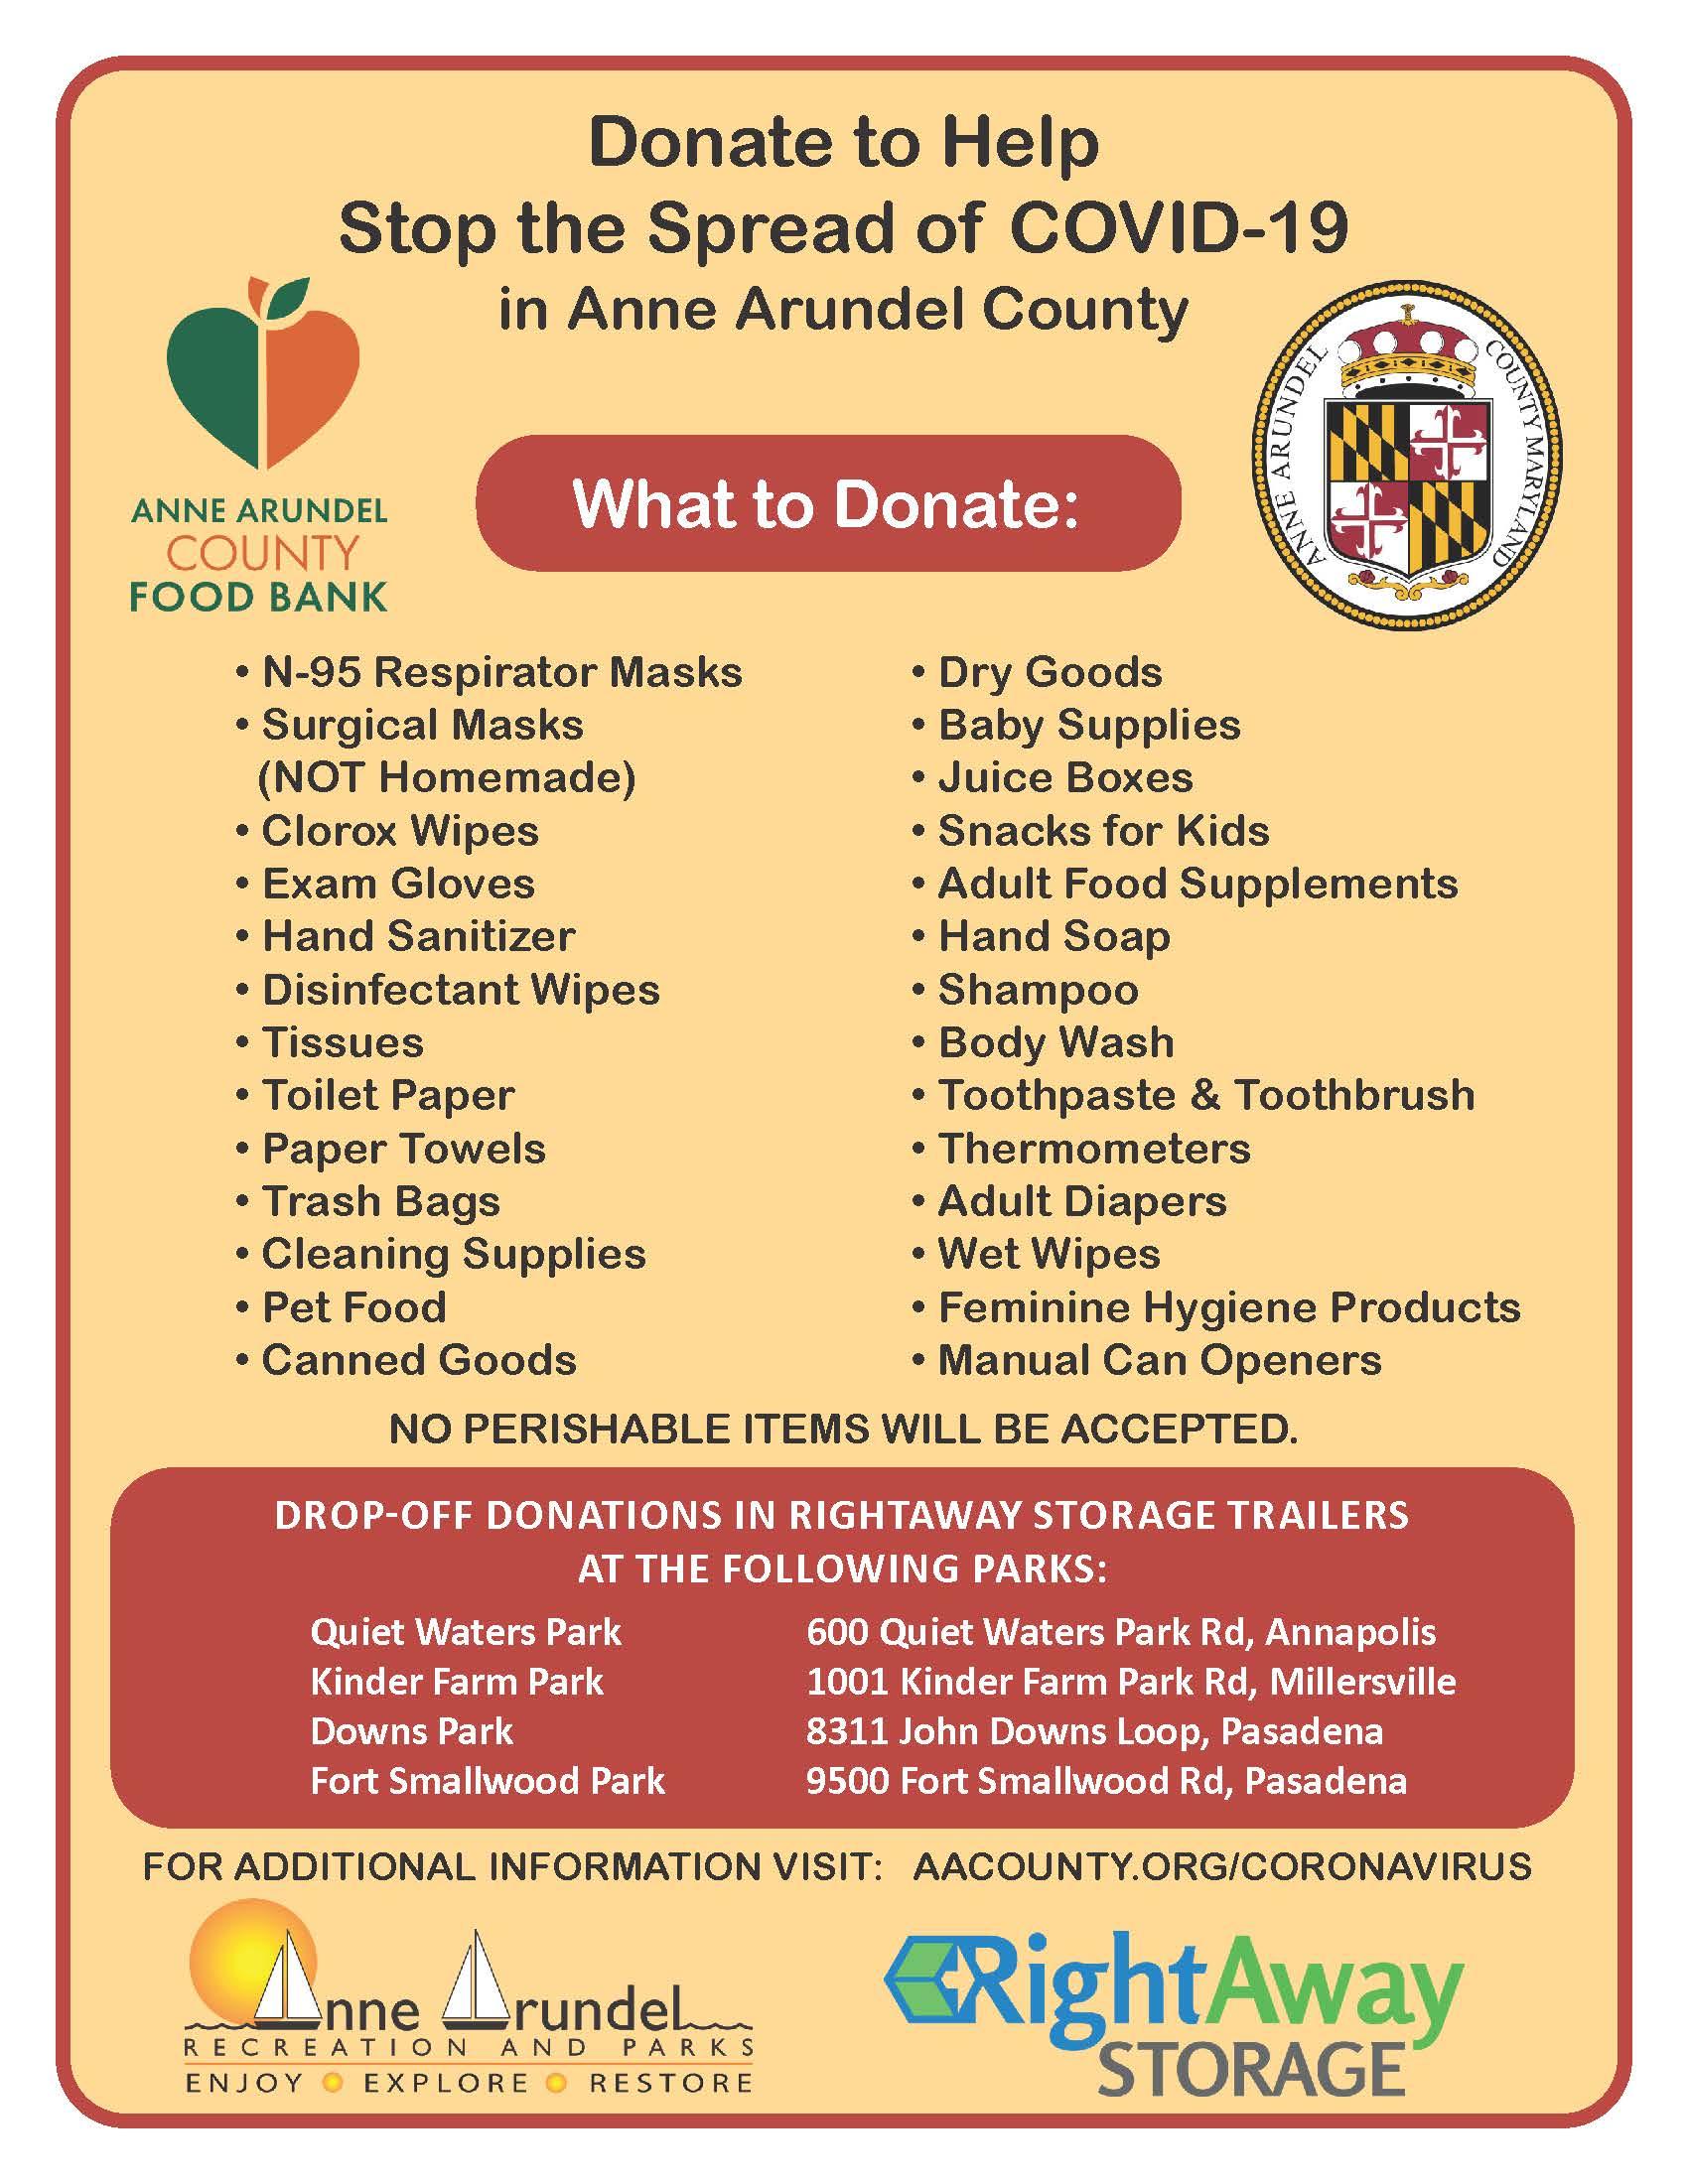 Donation Drive Details